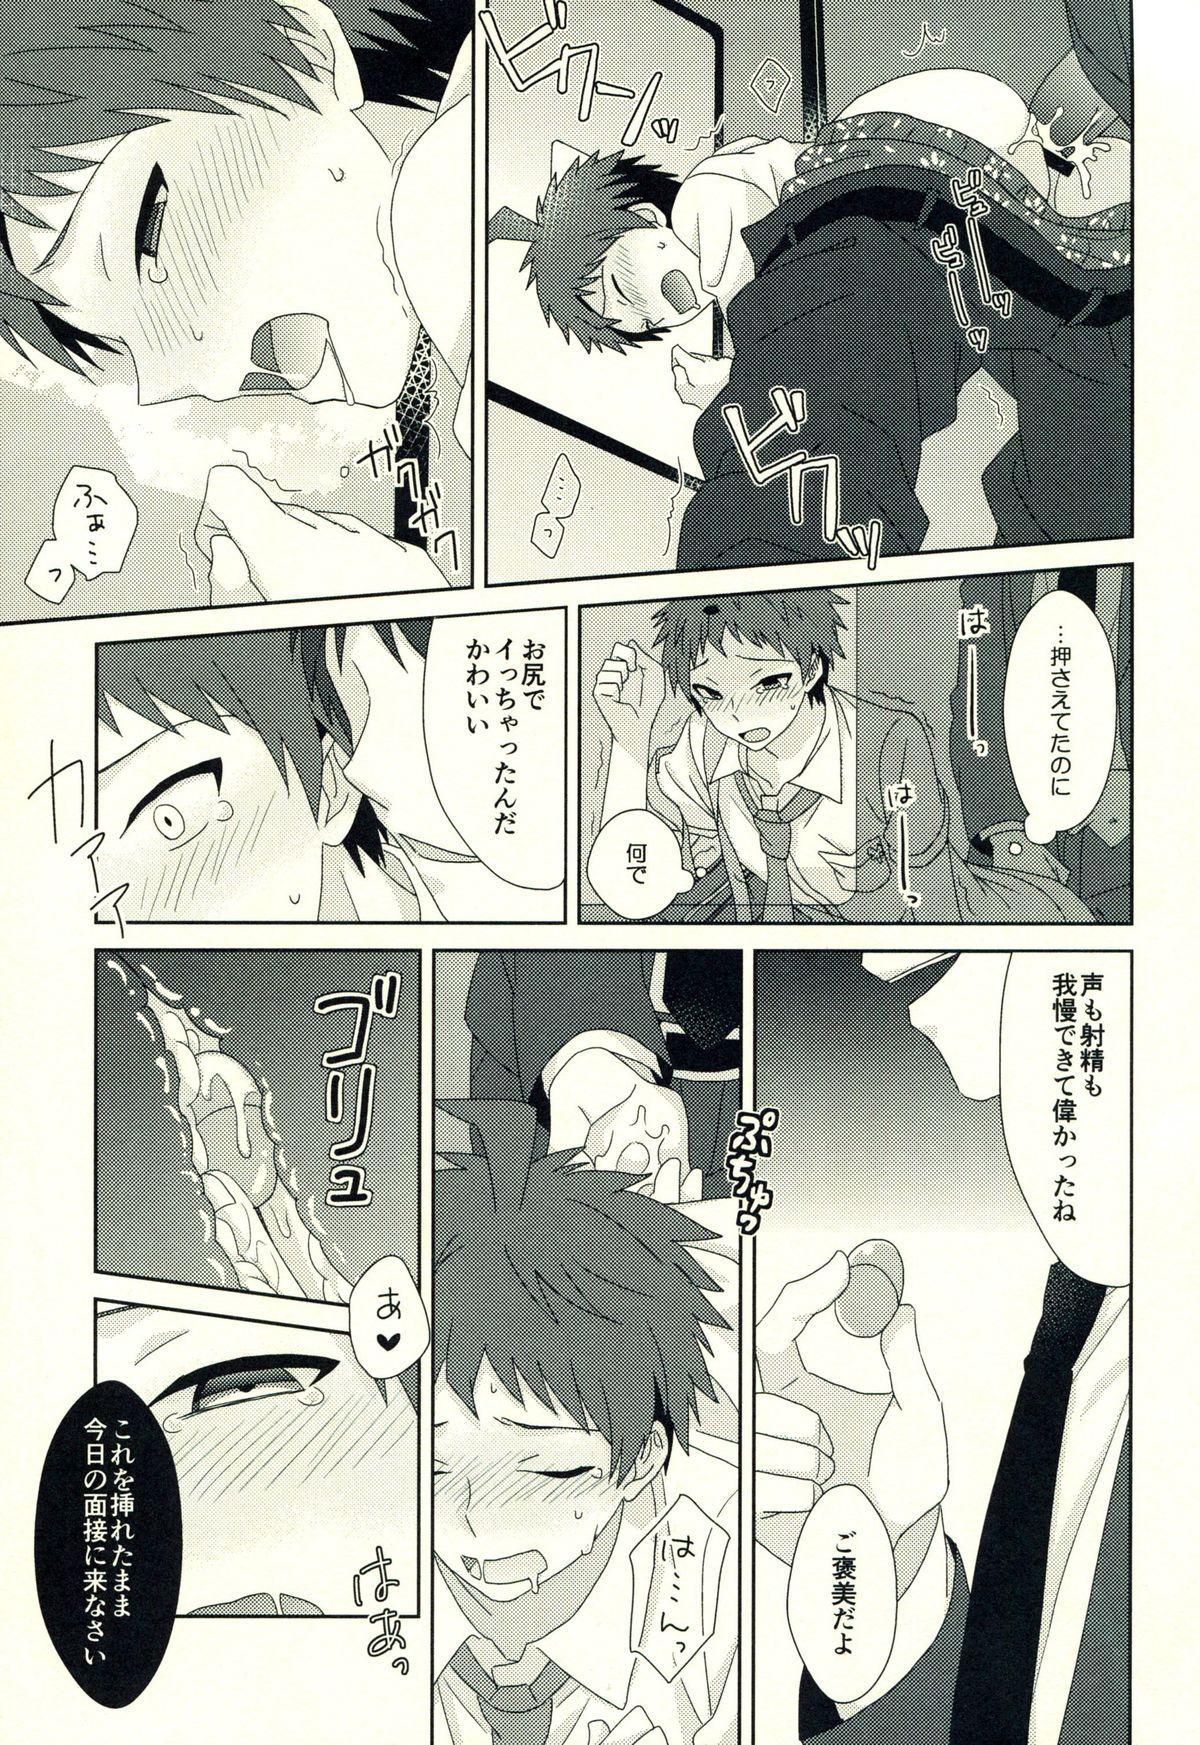 Hinata Hajime no Himitsu no Jikan 87